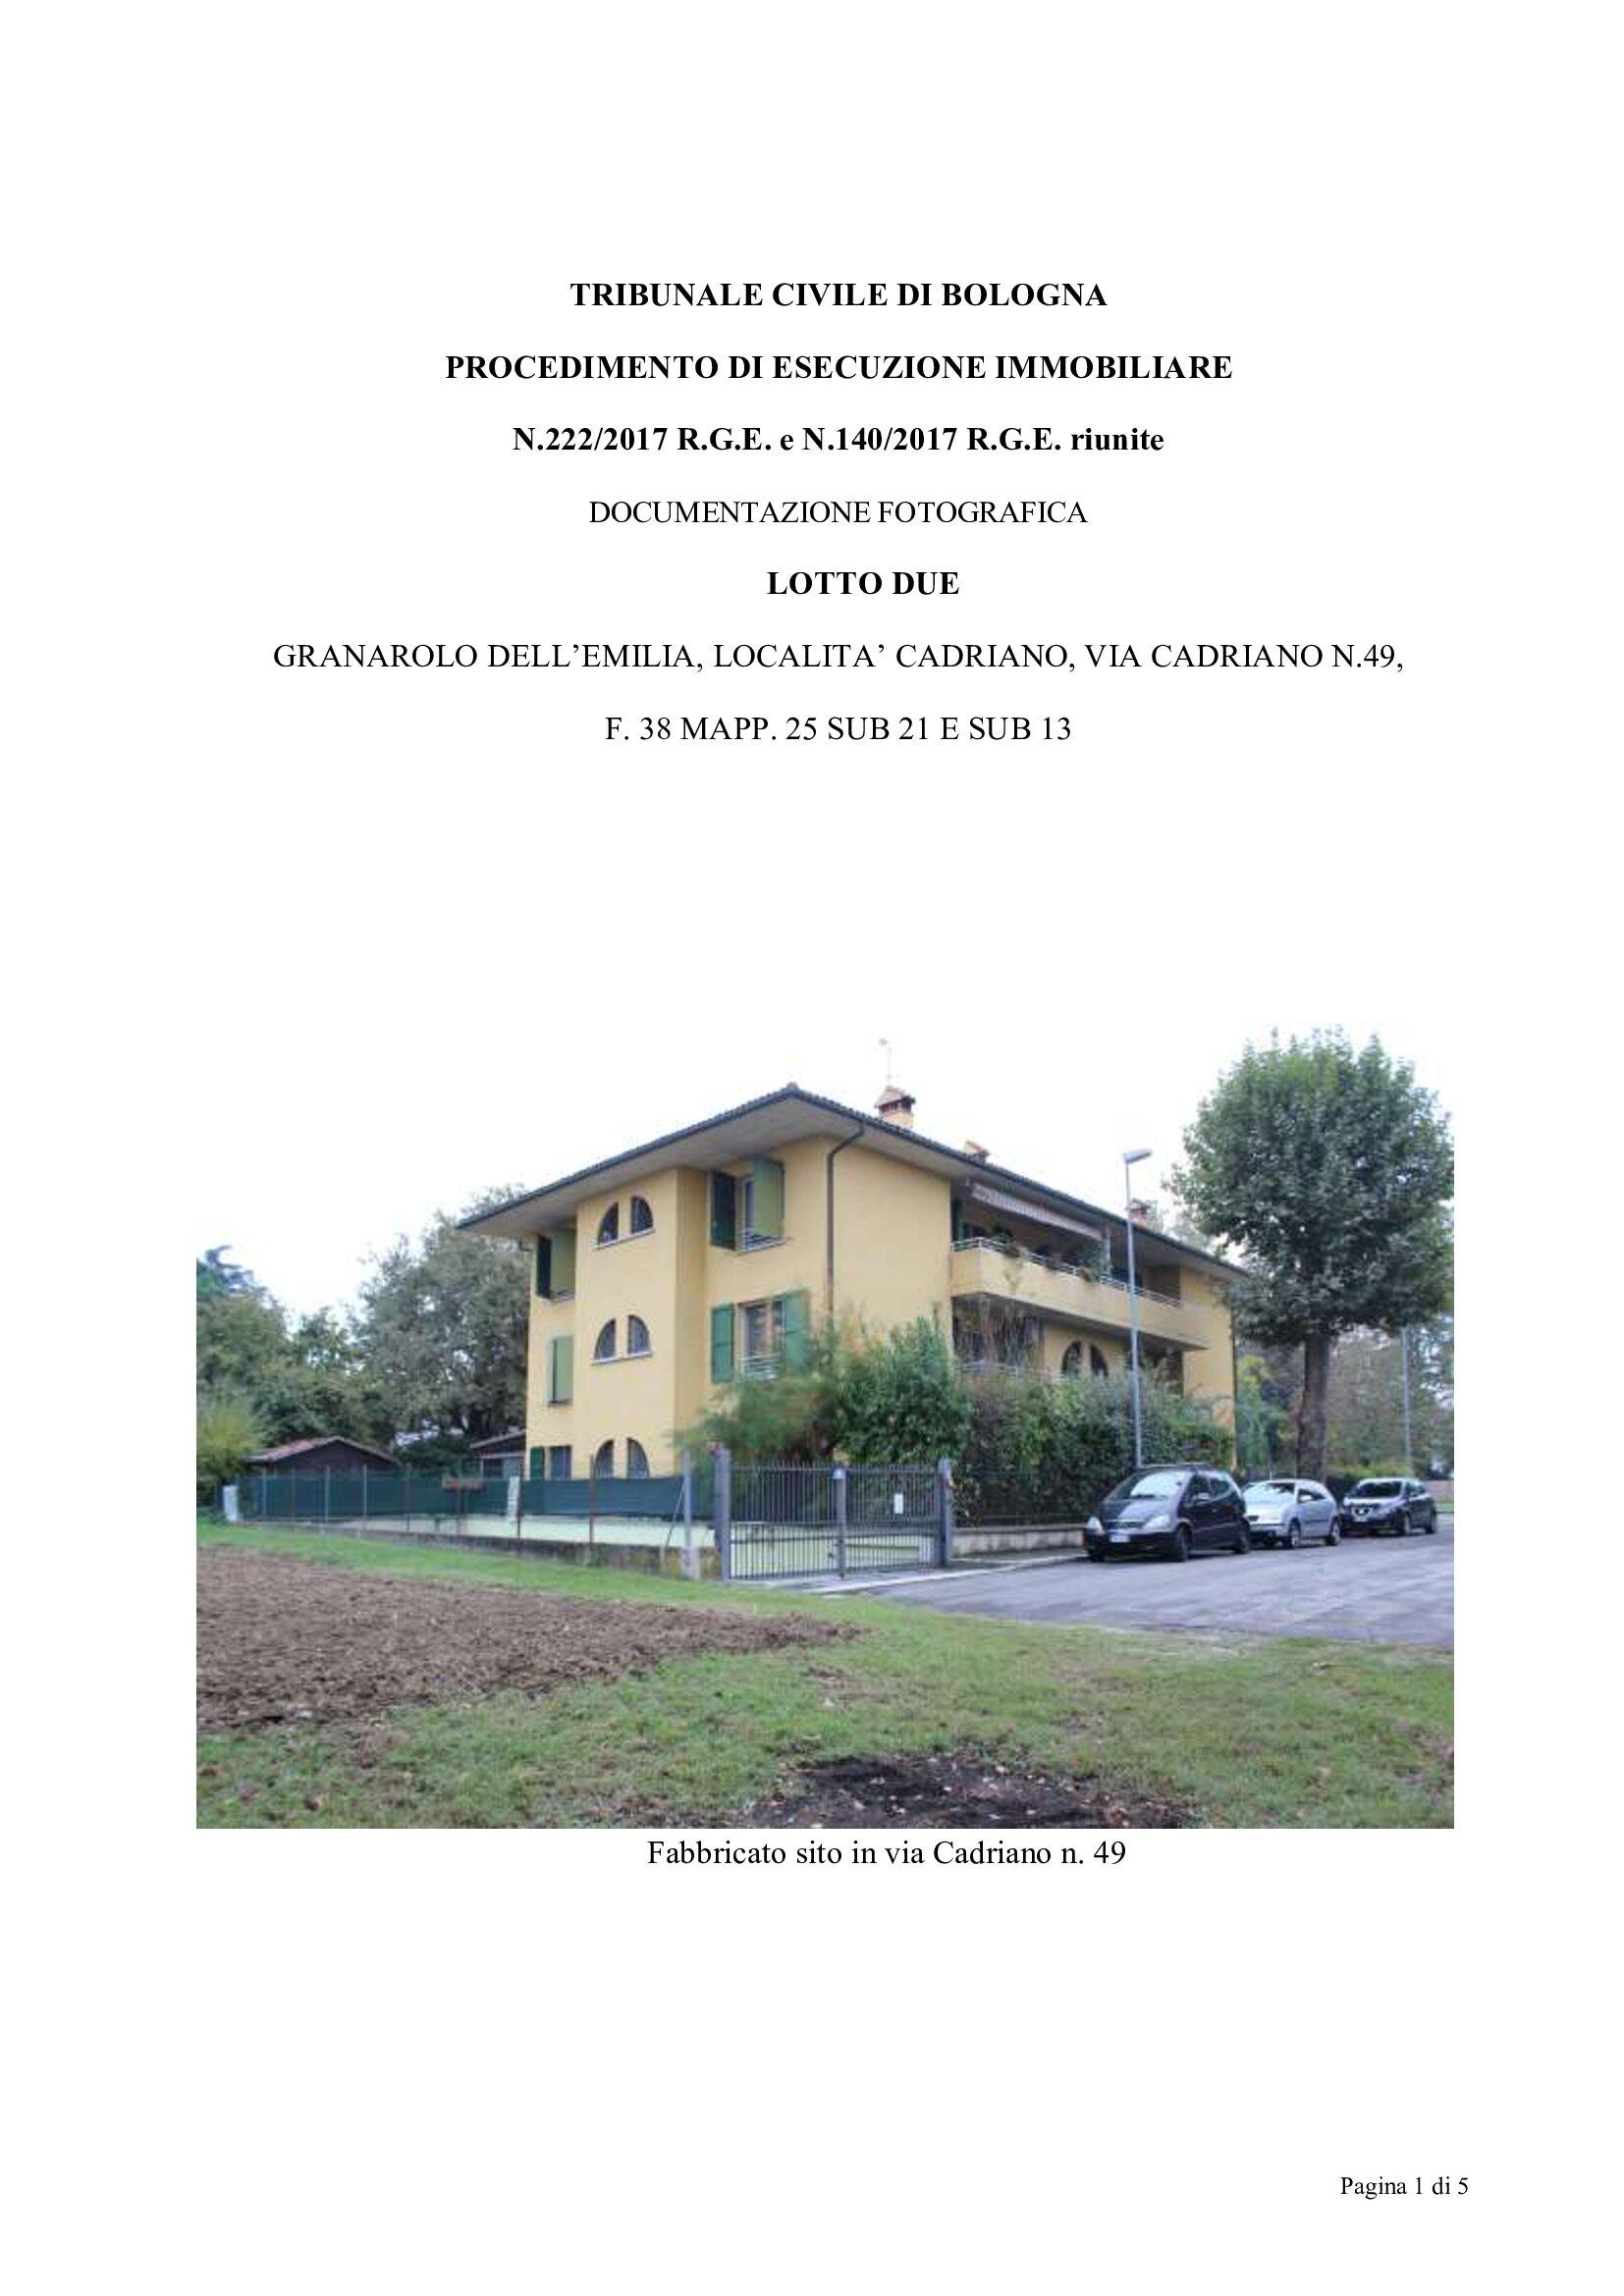 Appartamento, via cadriano ndash localit agrave cadriano, Vendita - Granarolo Dell'emilia